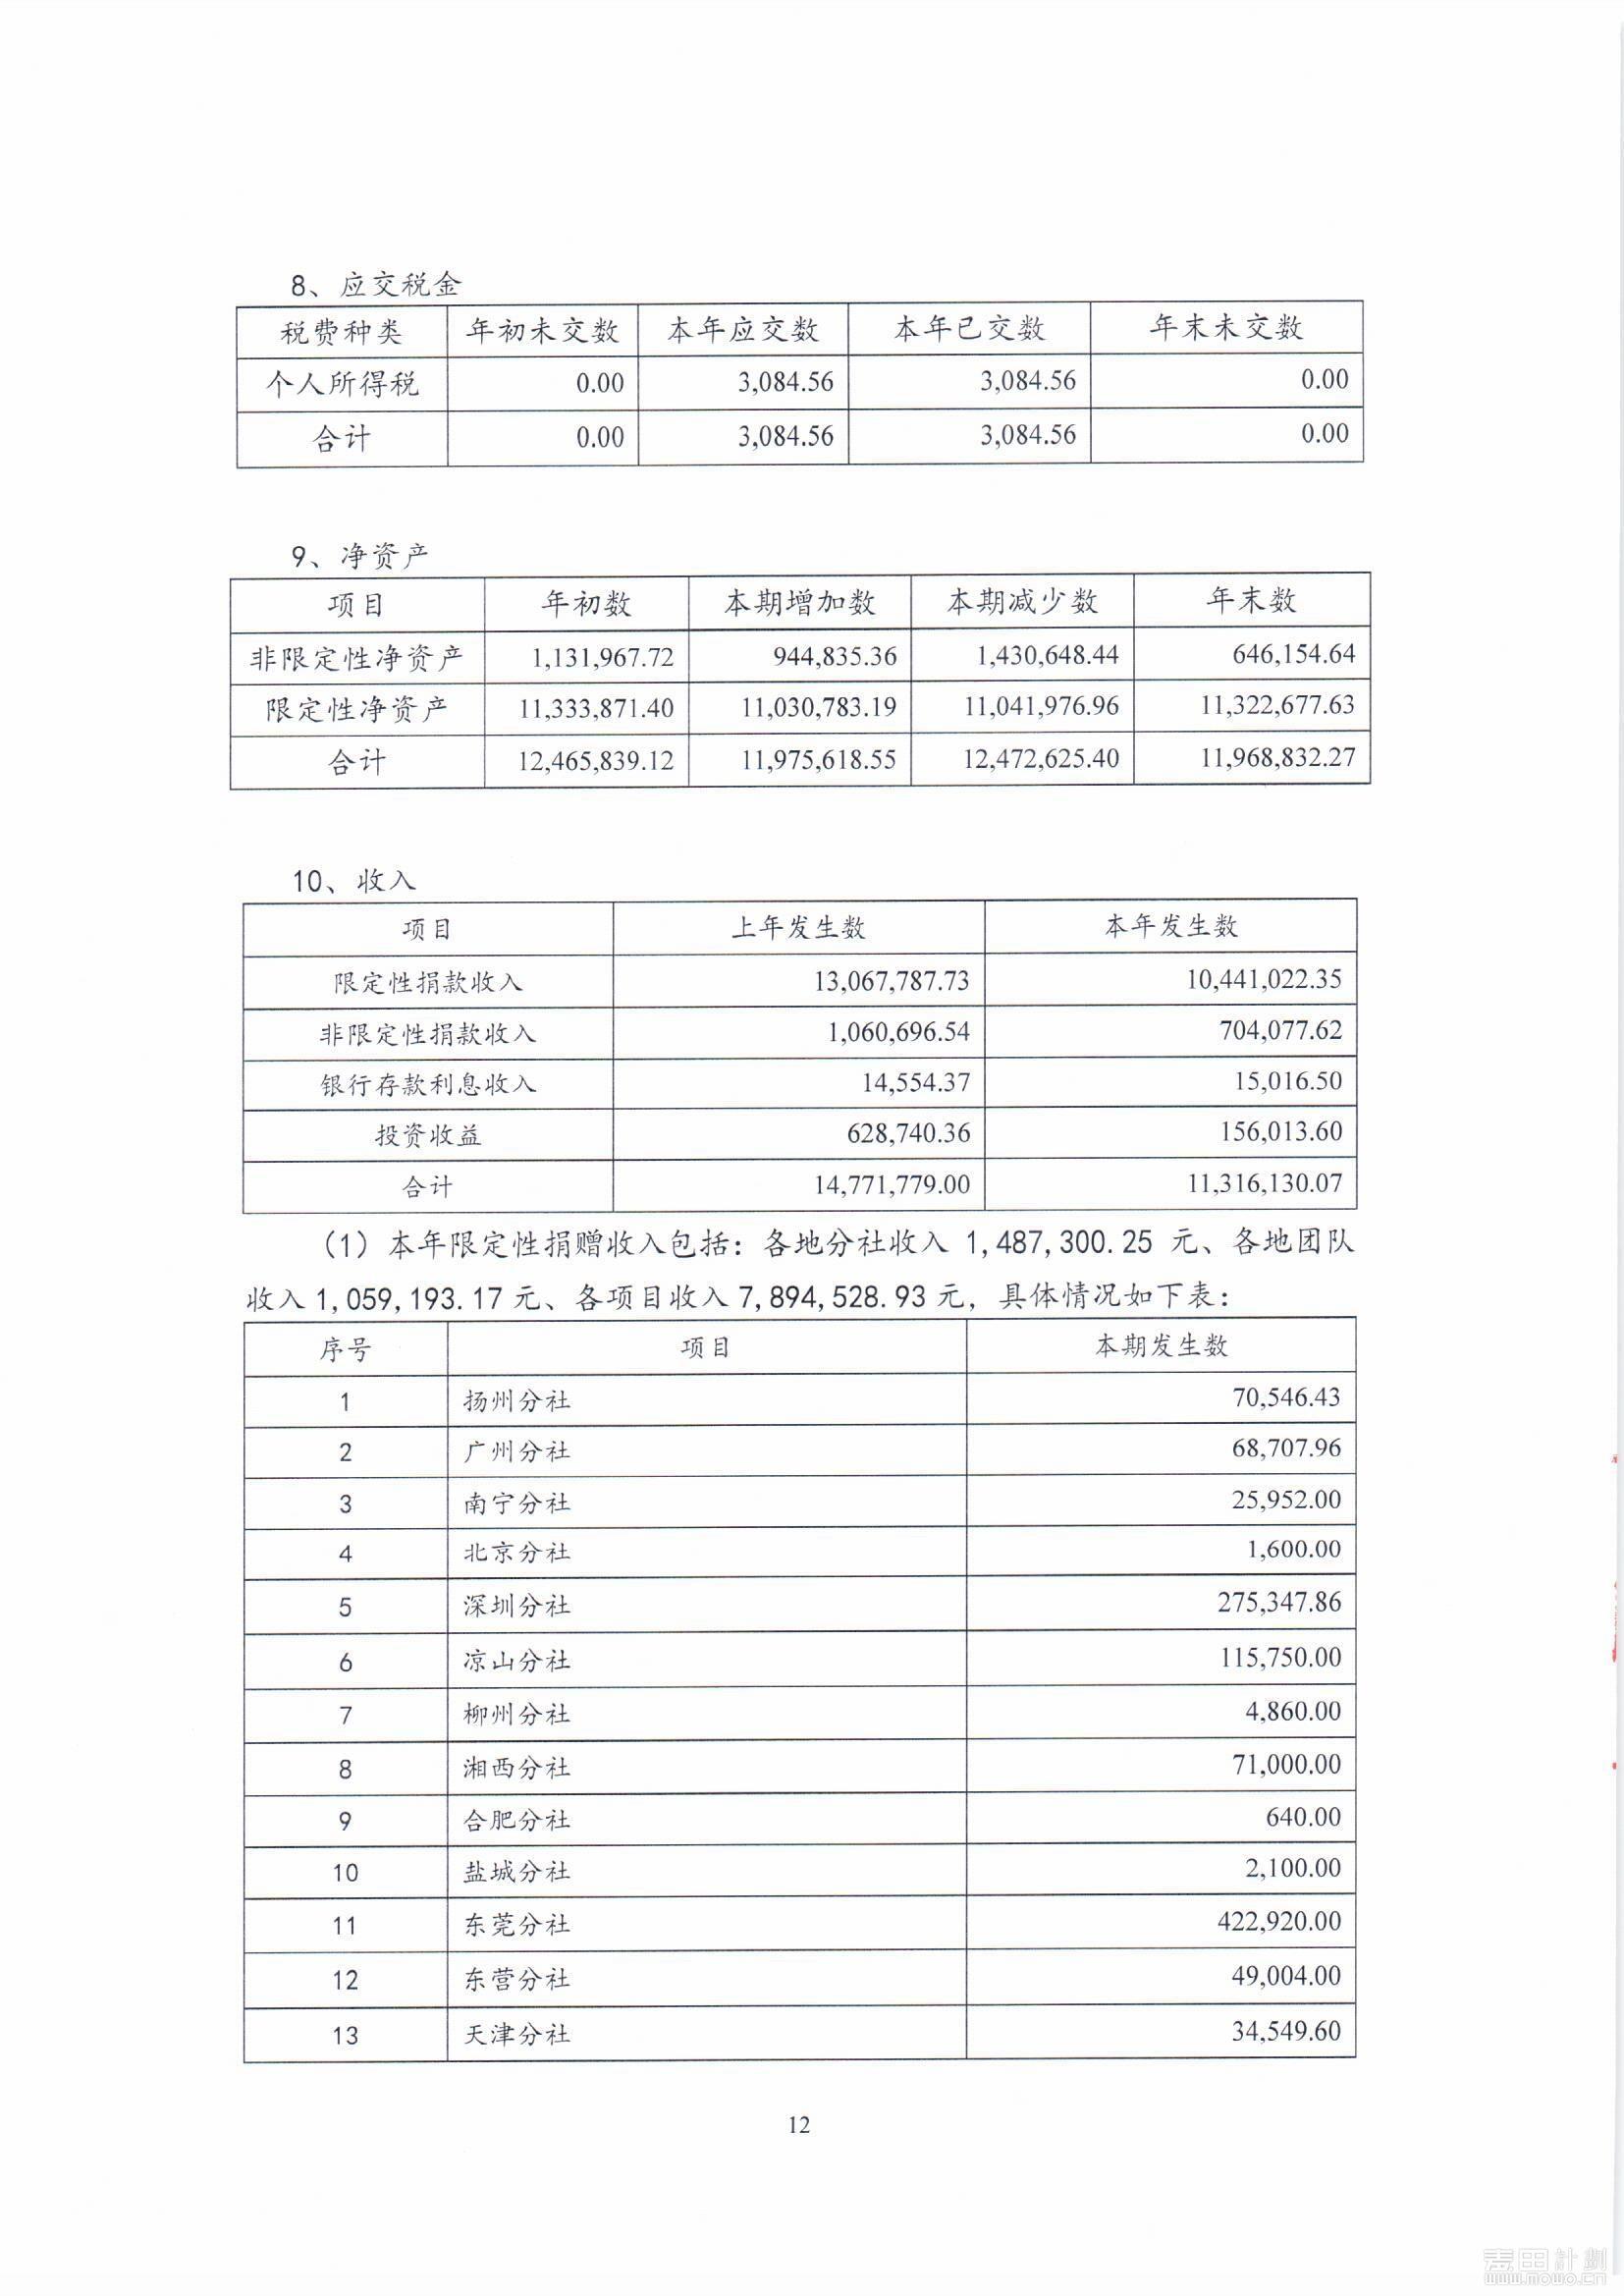 麦田教育基金会2019年度审计报告_页面_14.jpg